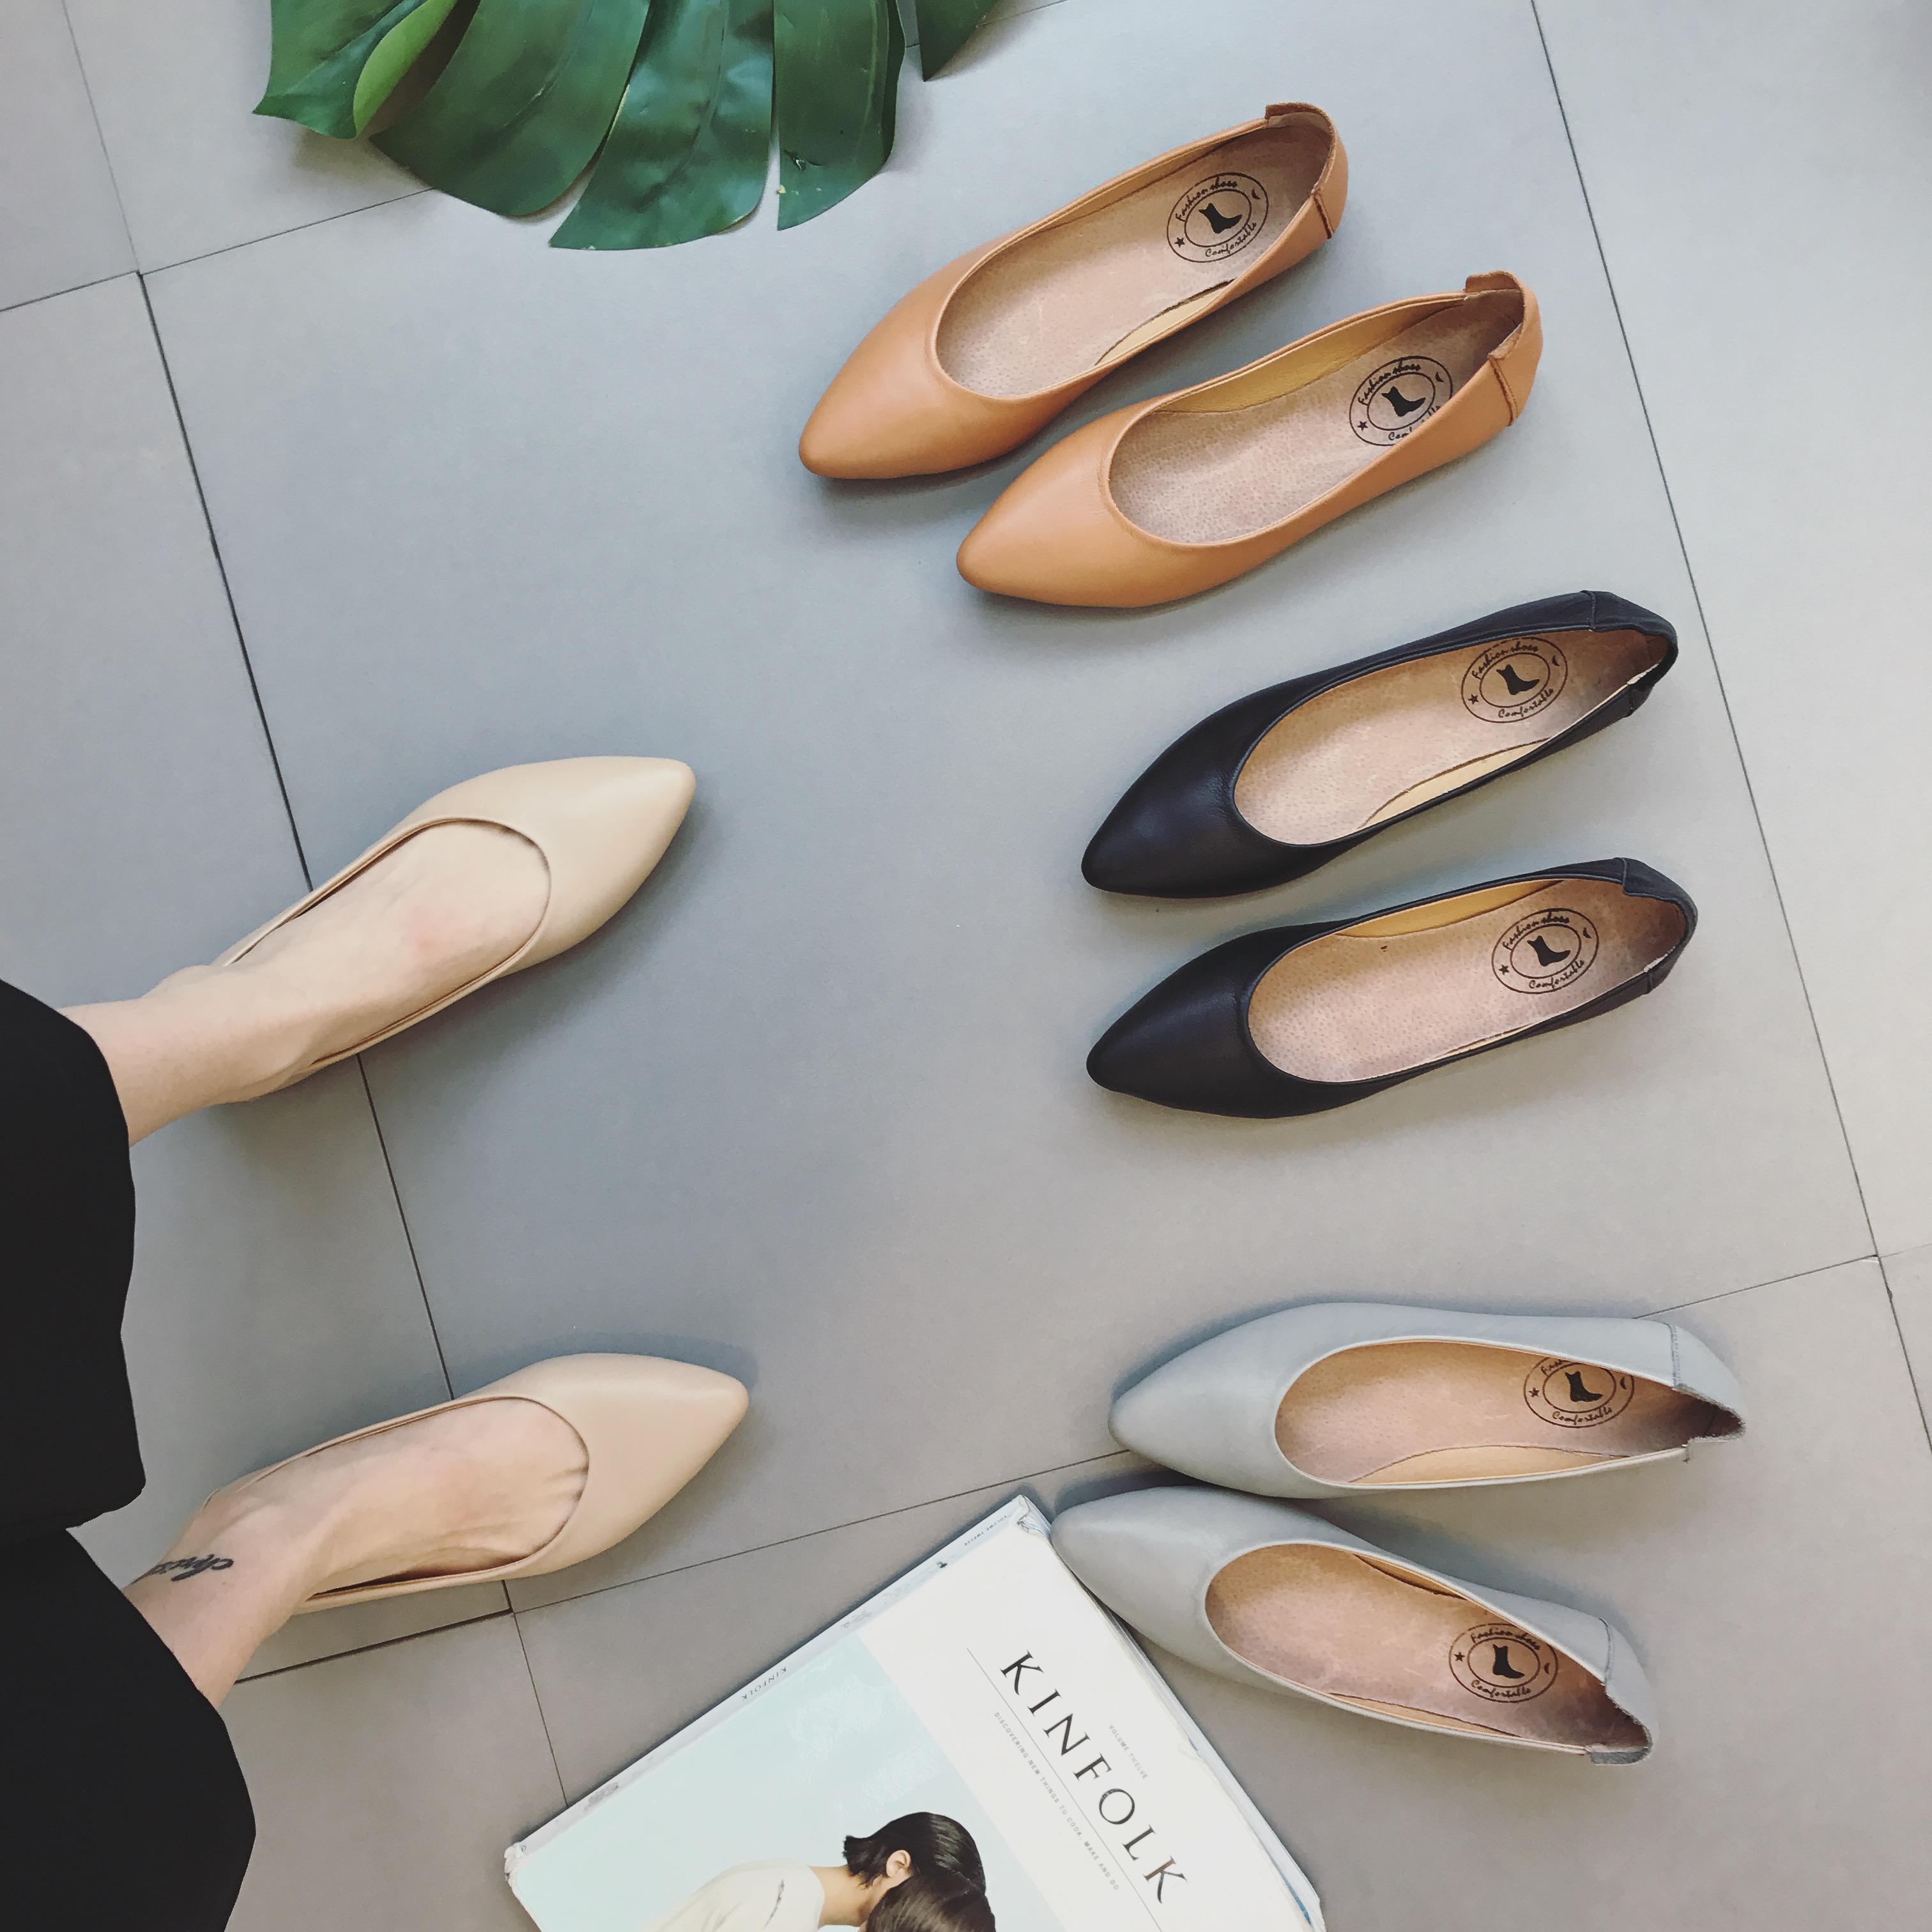 平底奶奶鞋女浅口套脚软底鞋尖单鞋